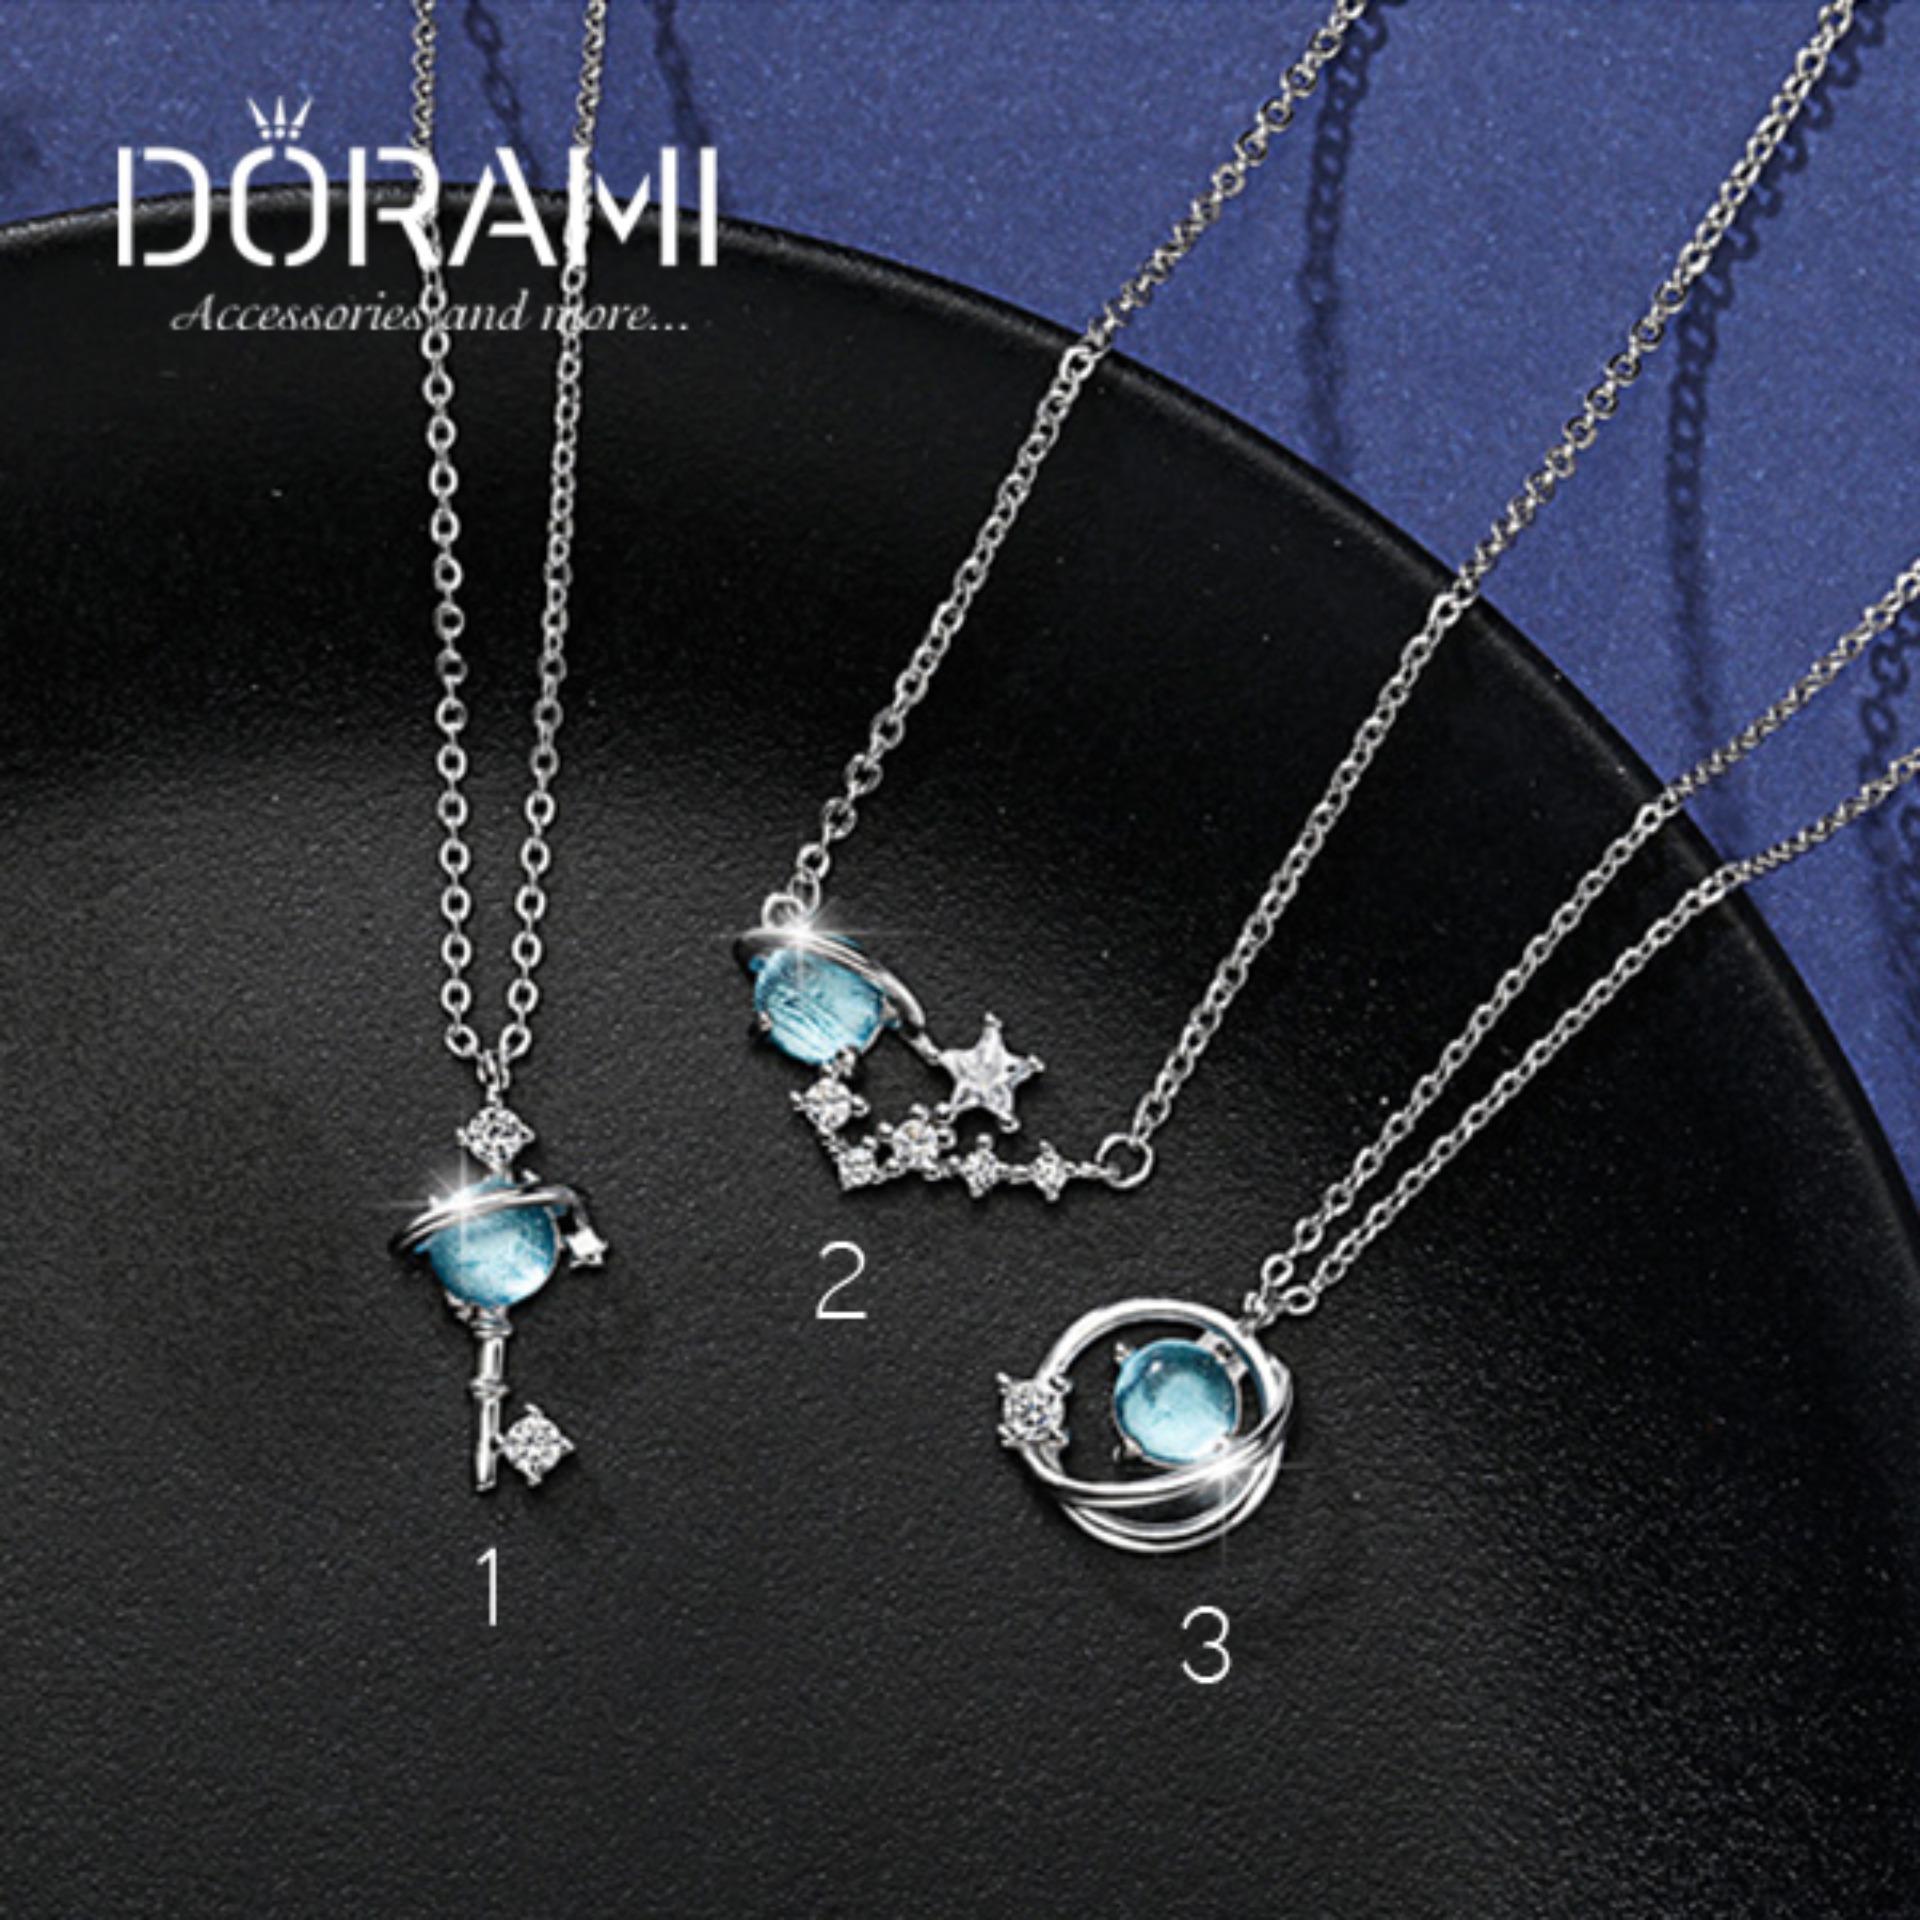 Dây chuyền nữ biển xanh nhẹ nhàng đơn giản dễ thương nhiều mẫu xinh style ulzzang hàn quốc - dorami